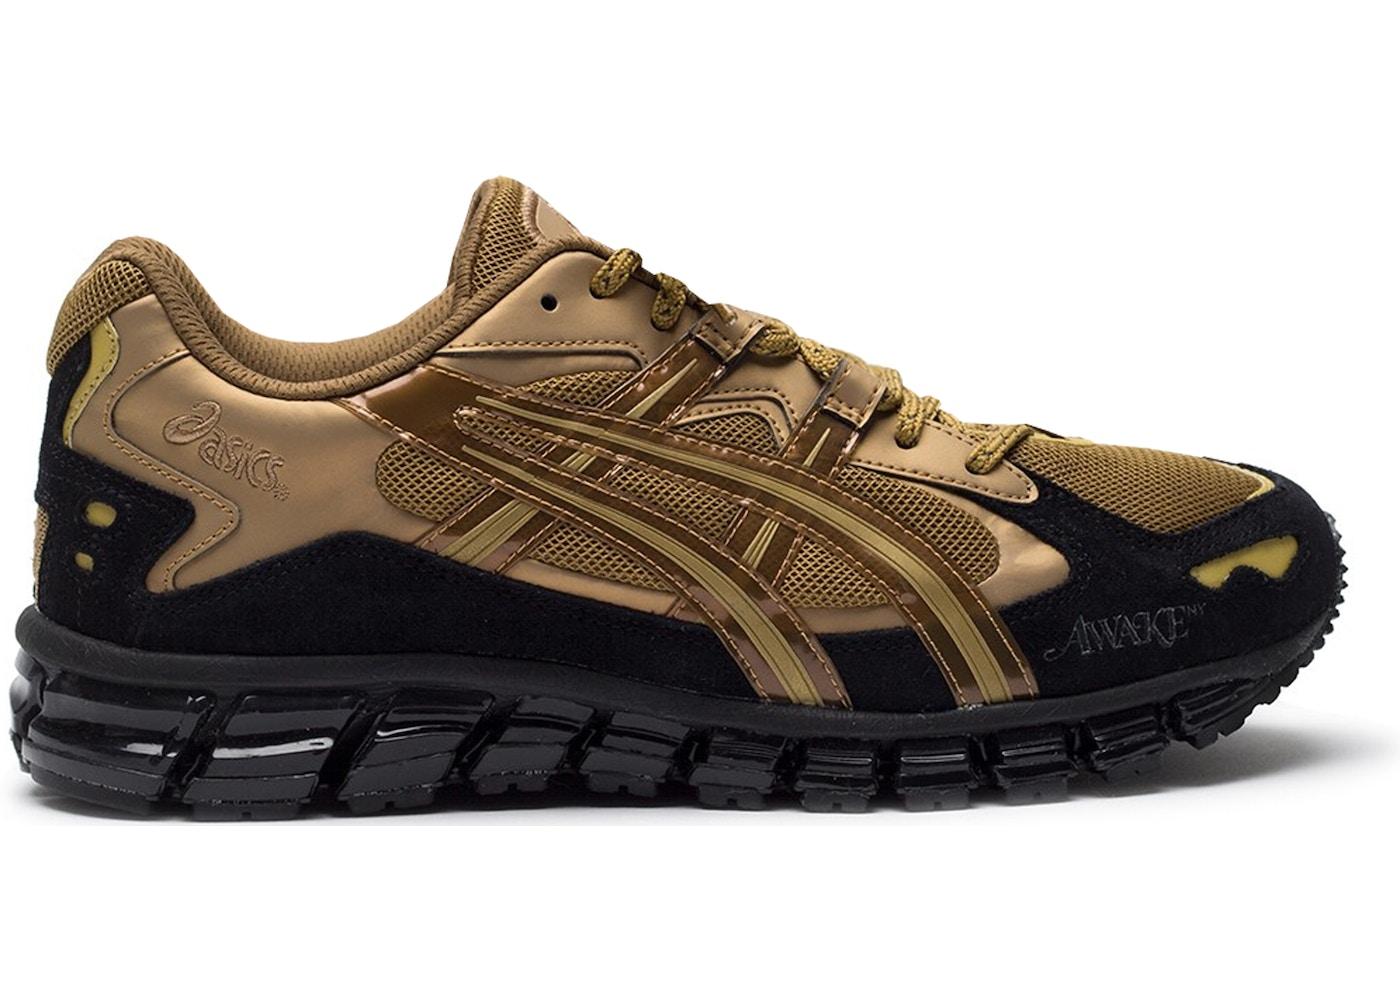 separation shoes 689c3 4b96e Asics Gel-Kayano 5 360 Awake NY Gold